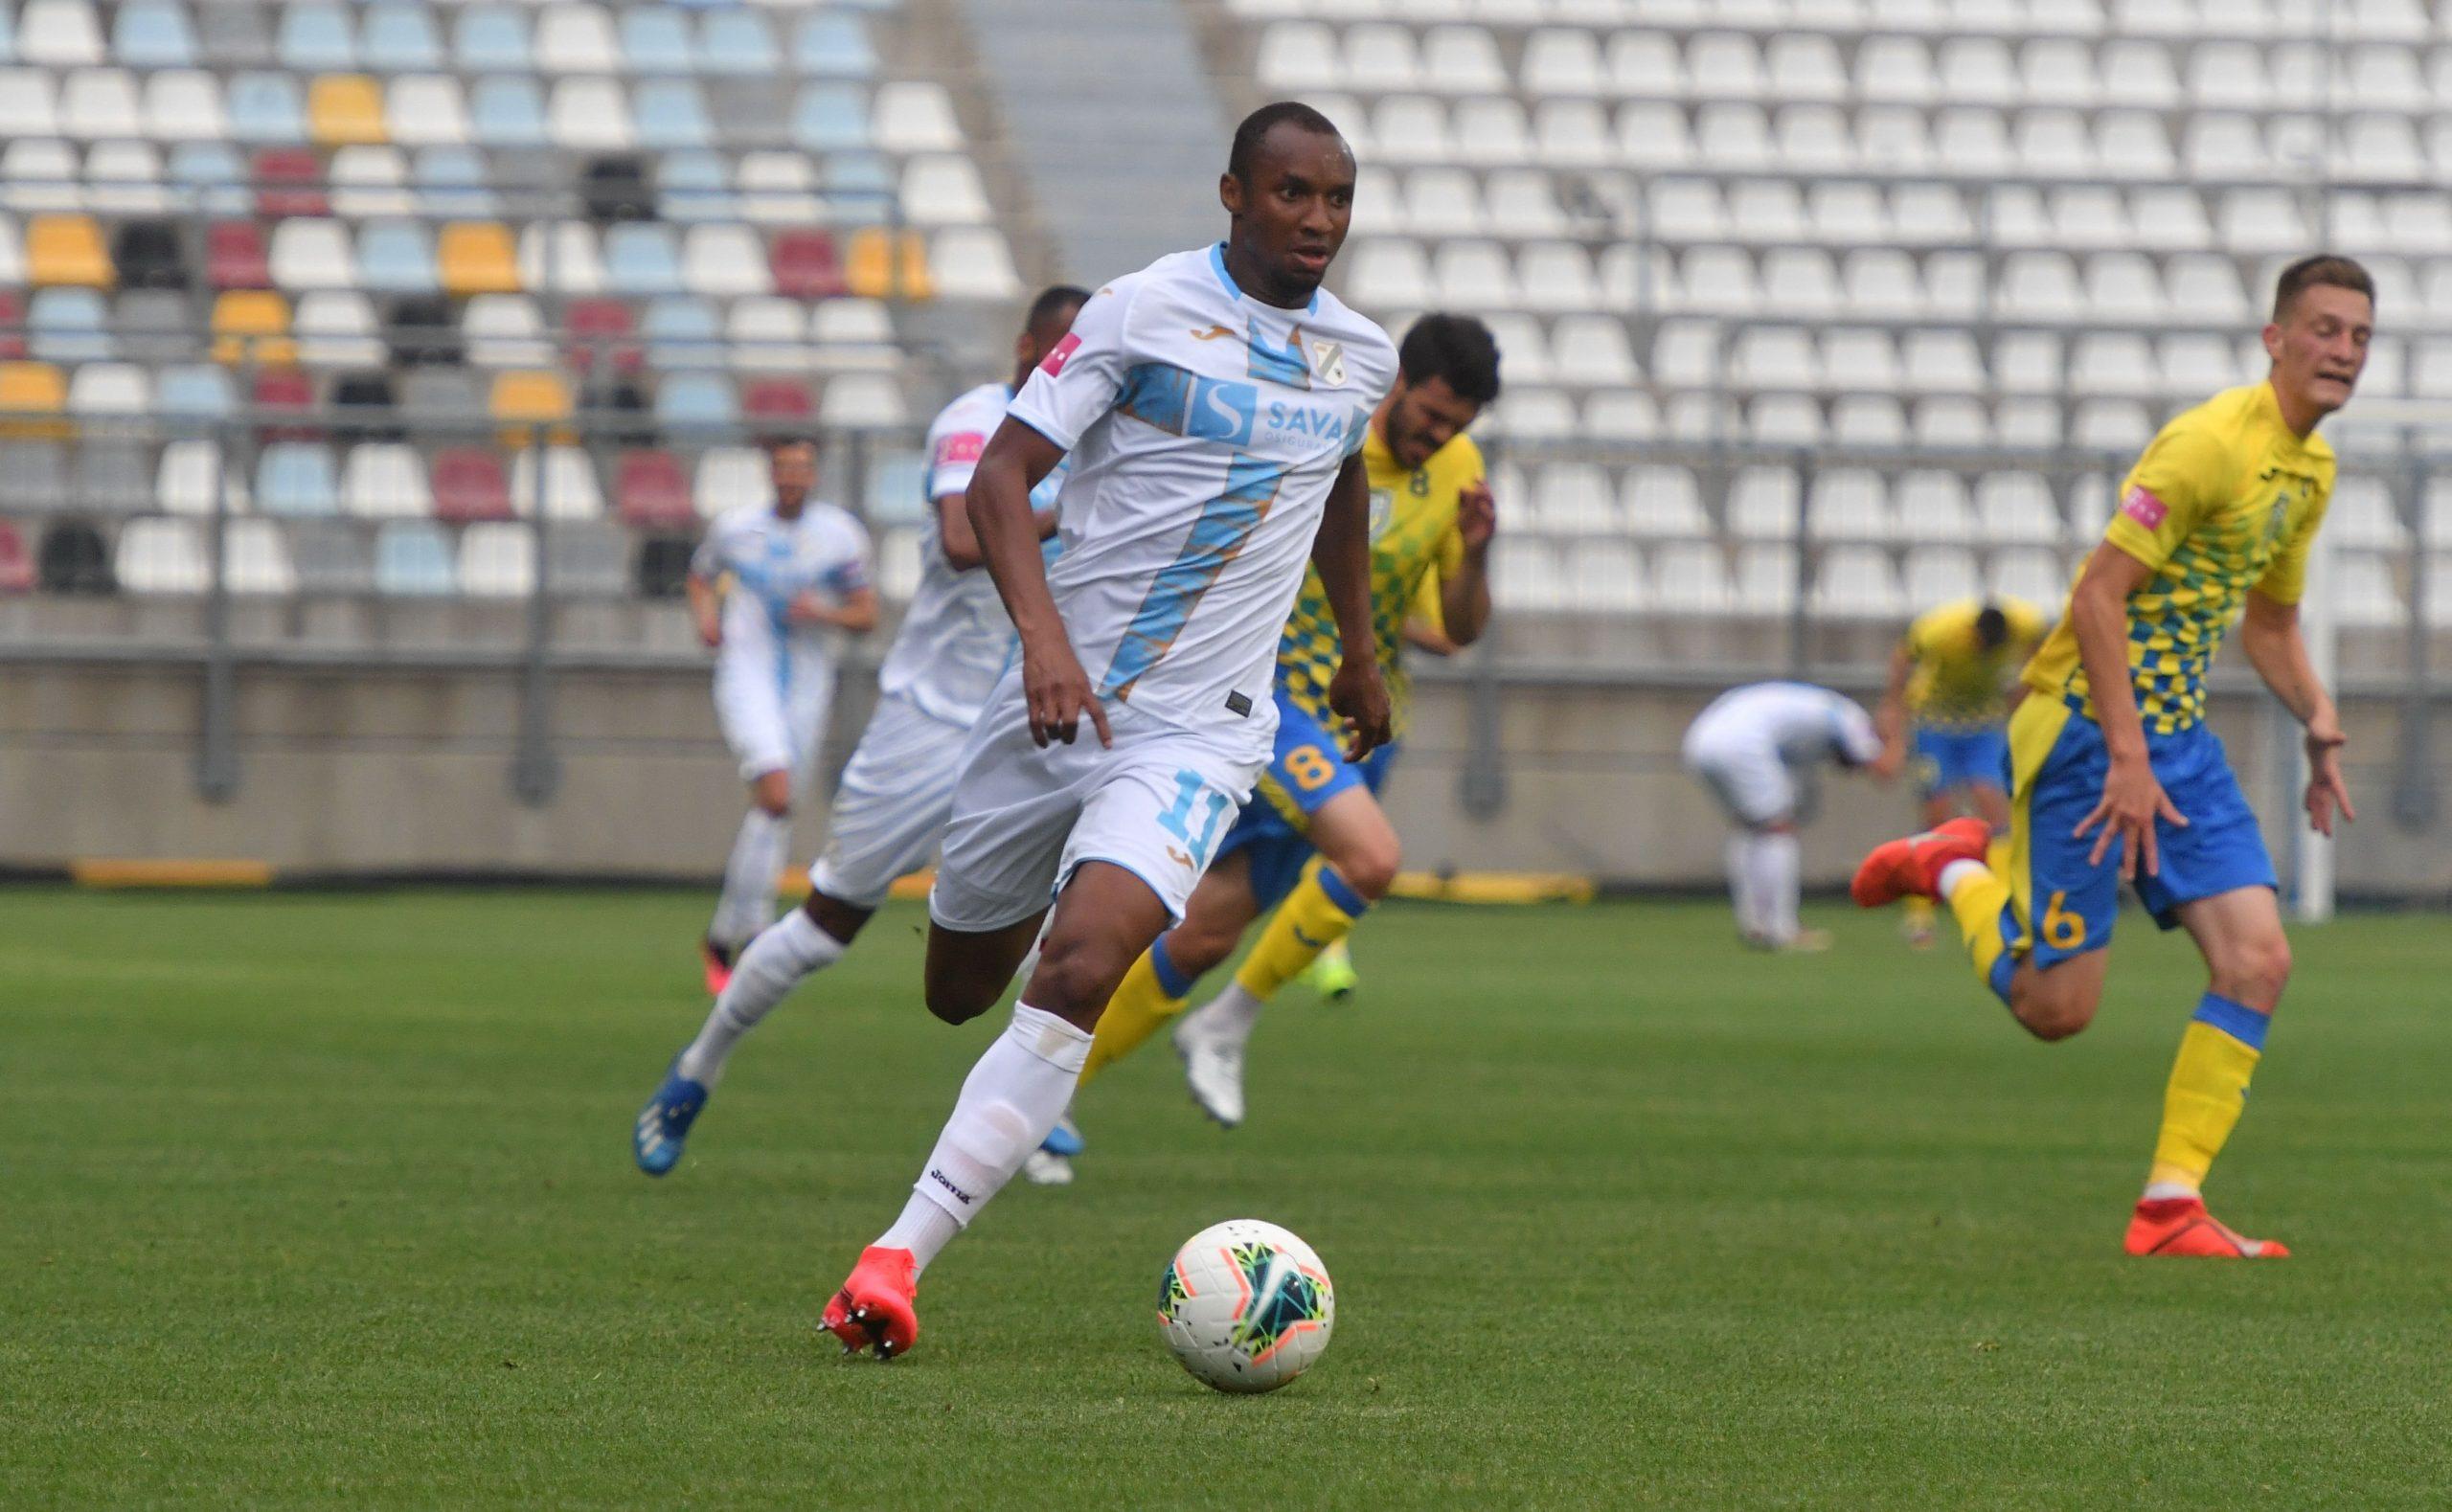 Sterling Yateke poentirao je u prijateljskoj utakmici protiv Intera/Foto hnk-rijeka.hr